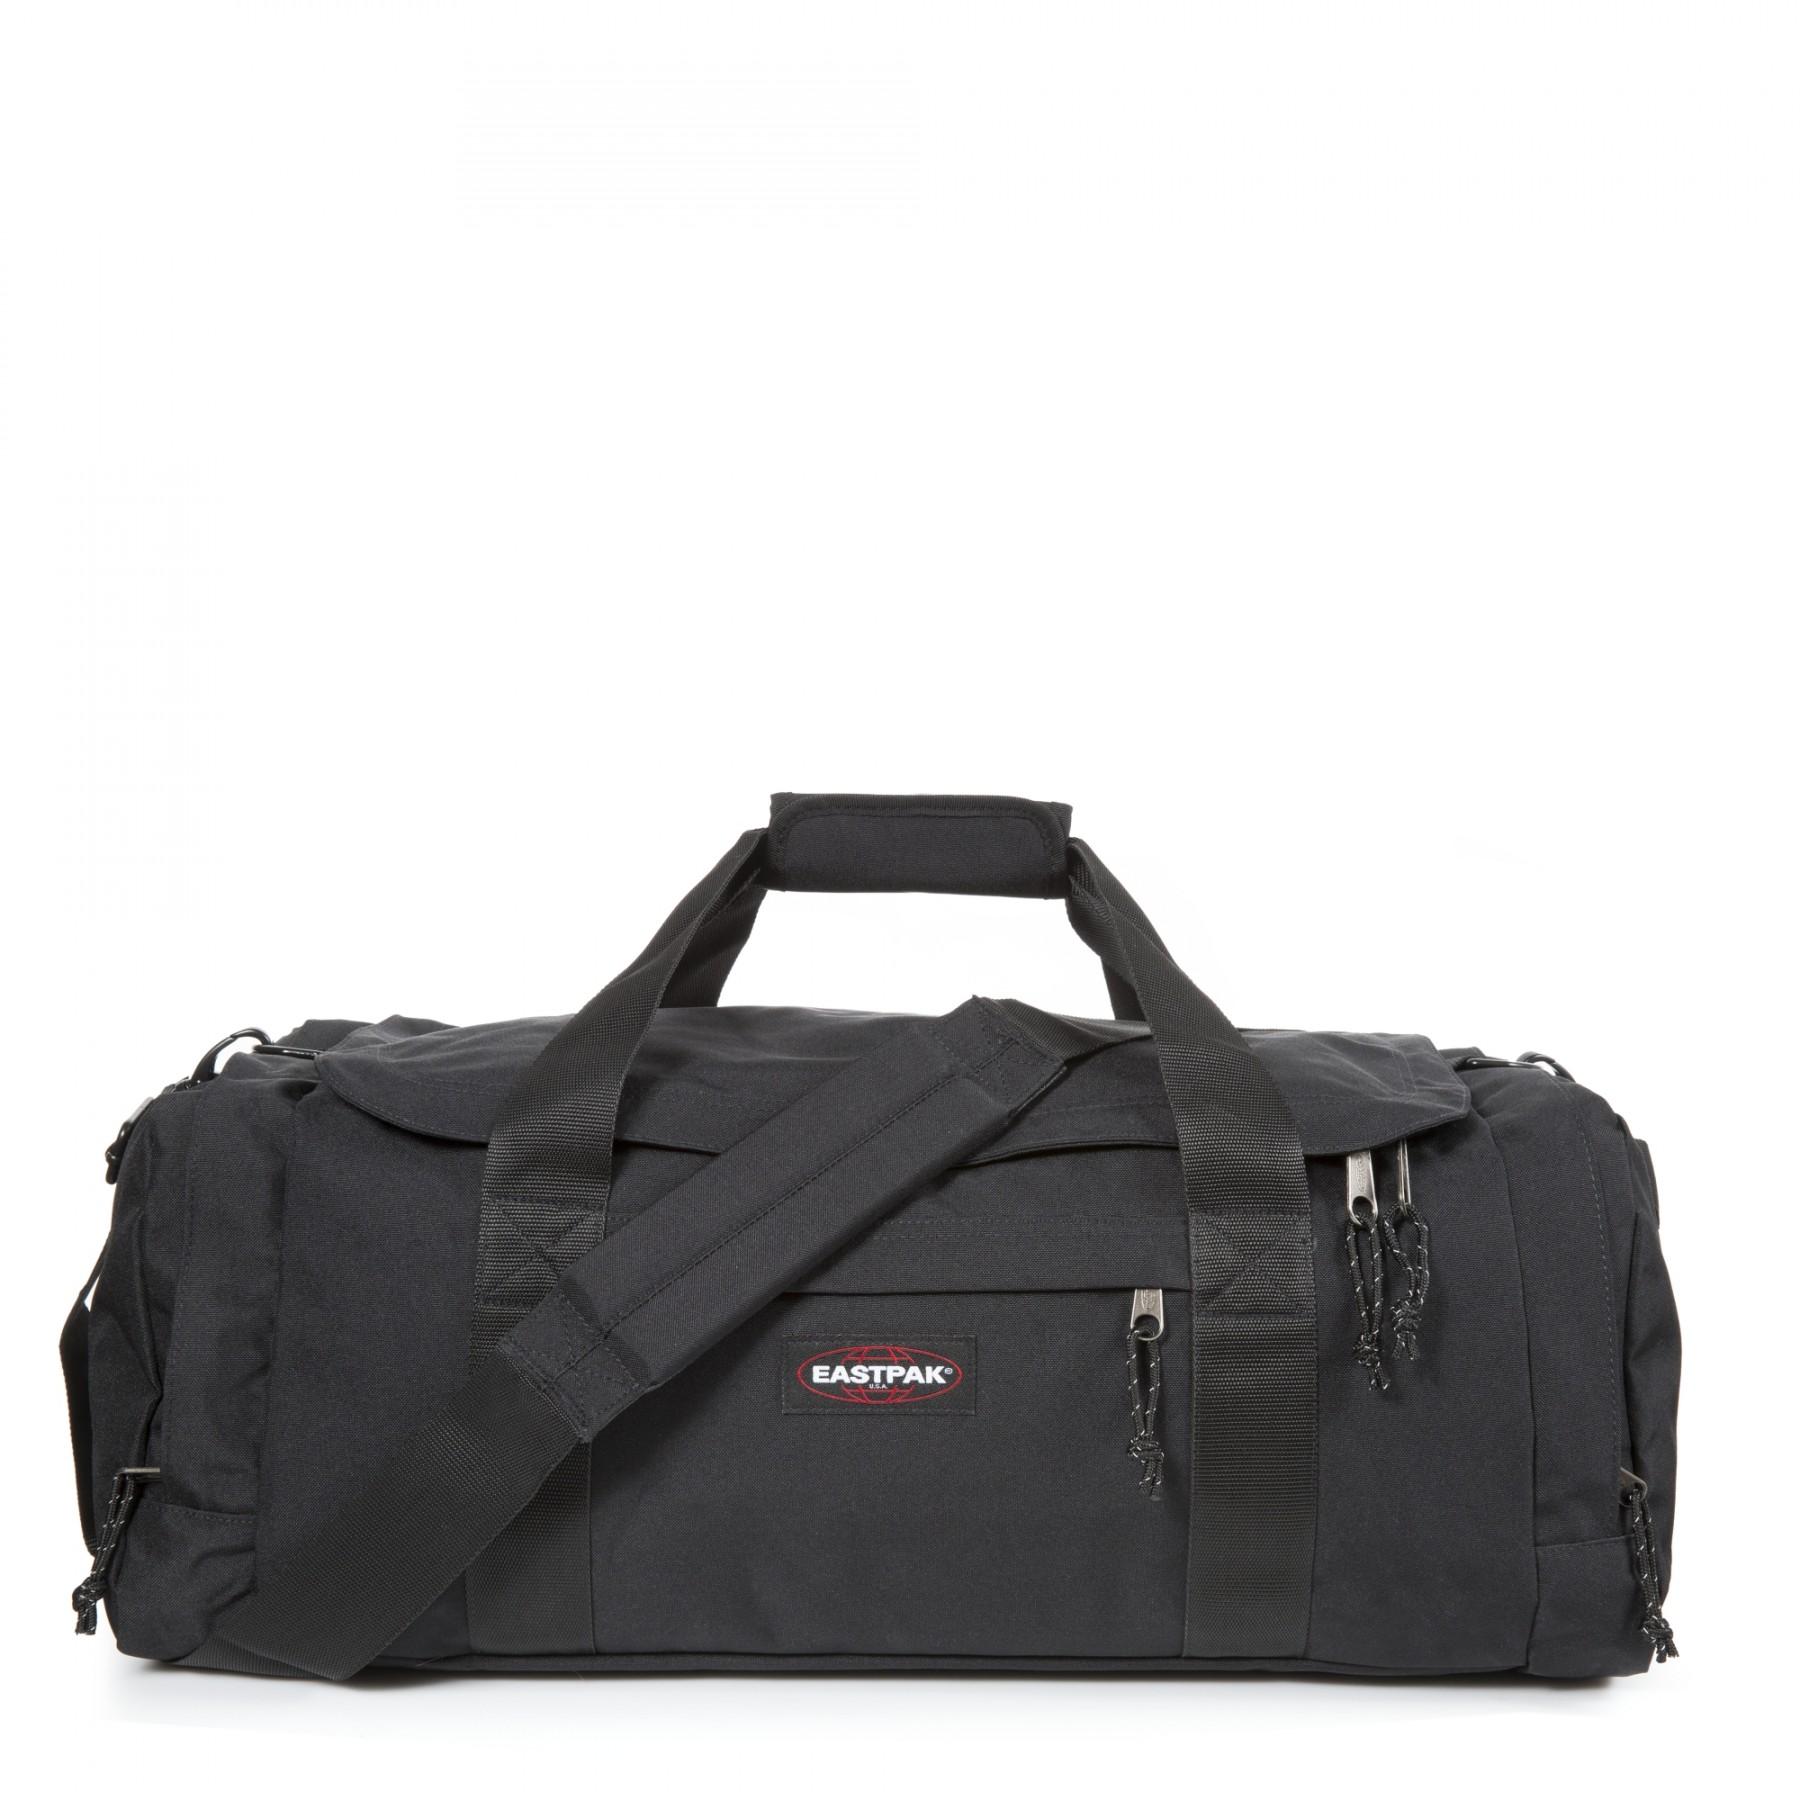 sacs de voyage eastpak caprice maroquinerie. Black Bedroom Furniture Sets. Home Design Ideas